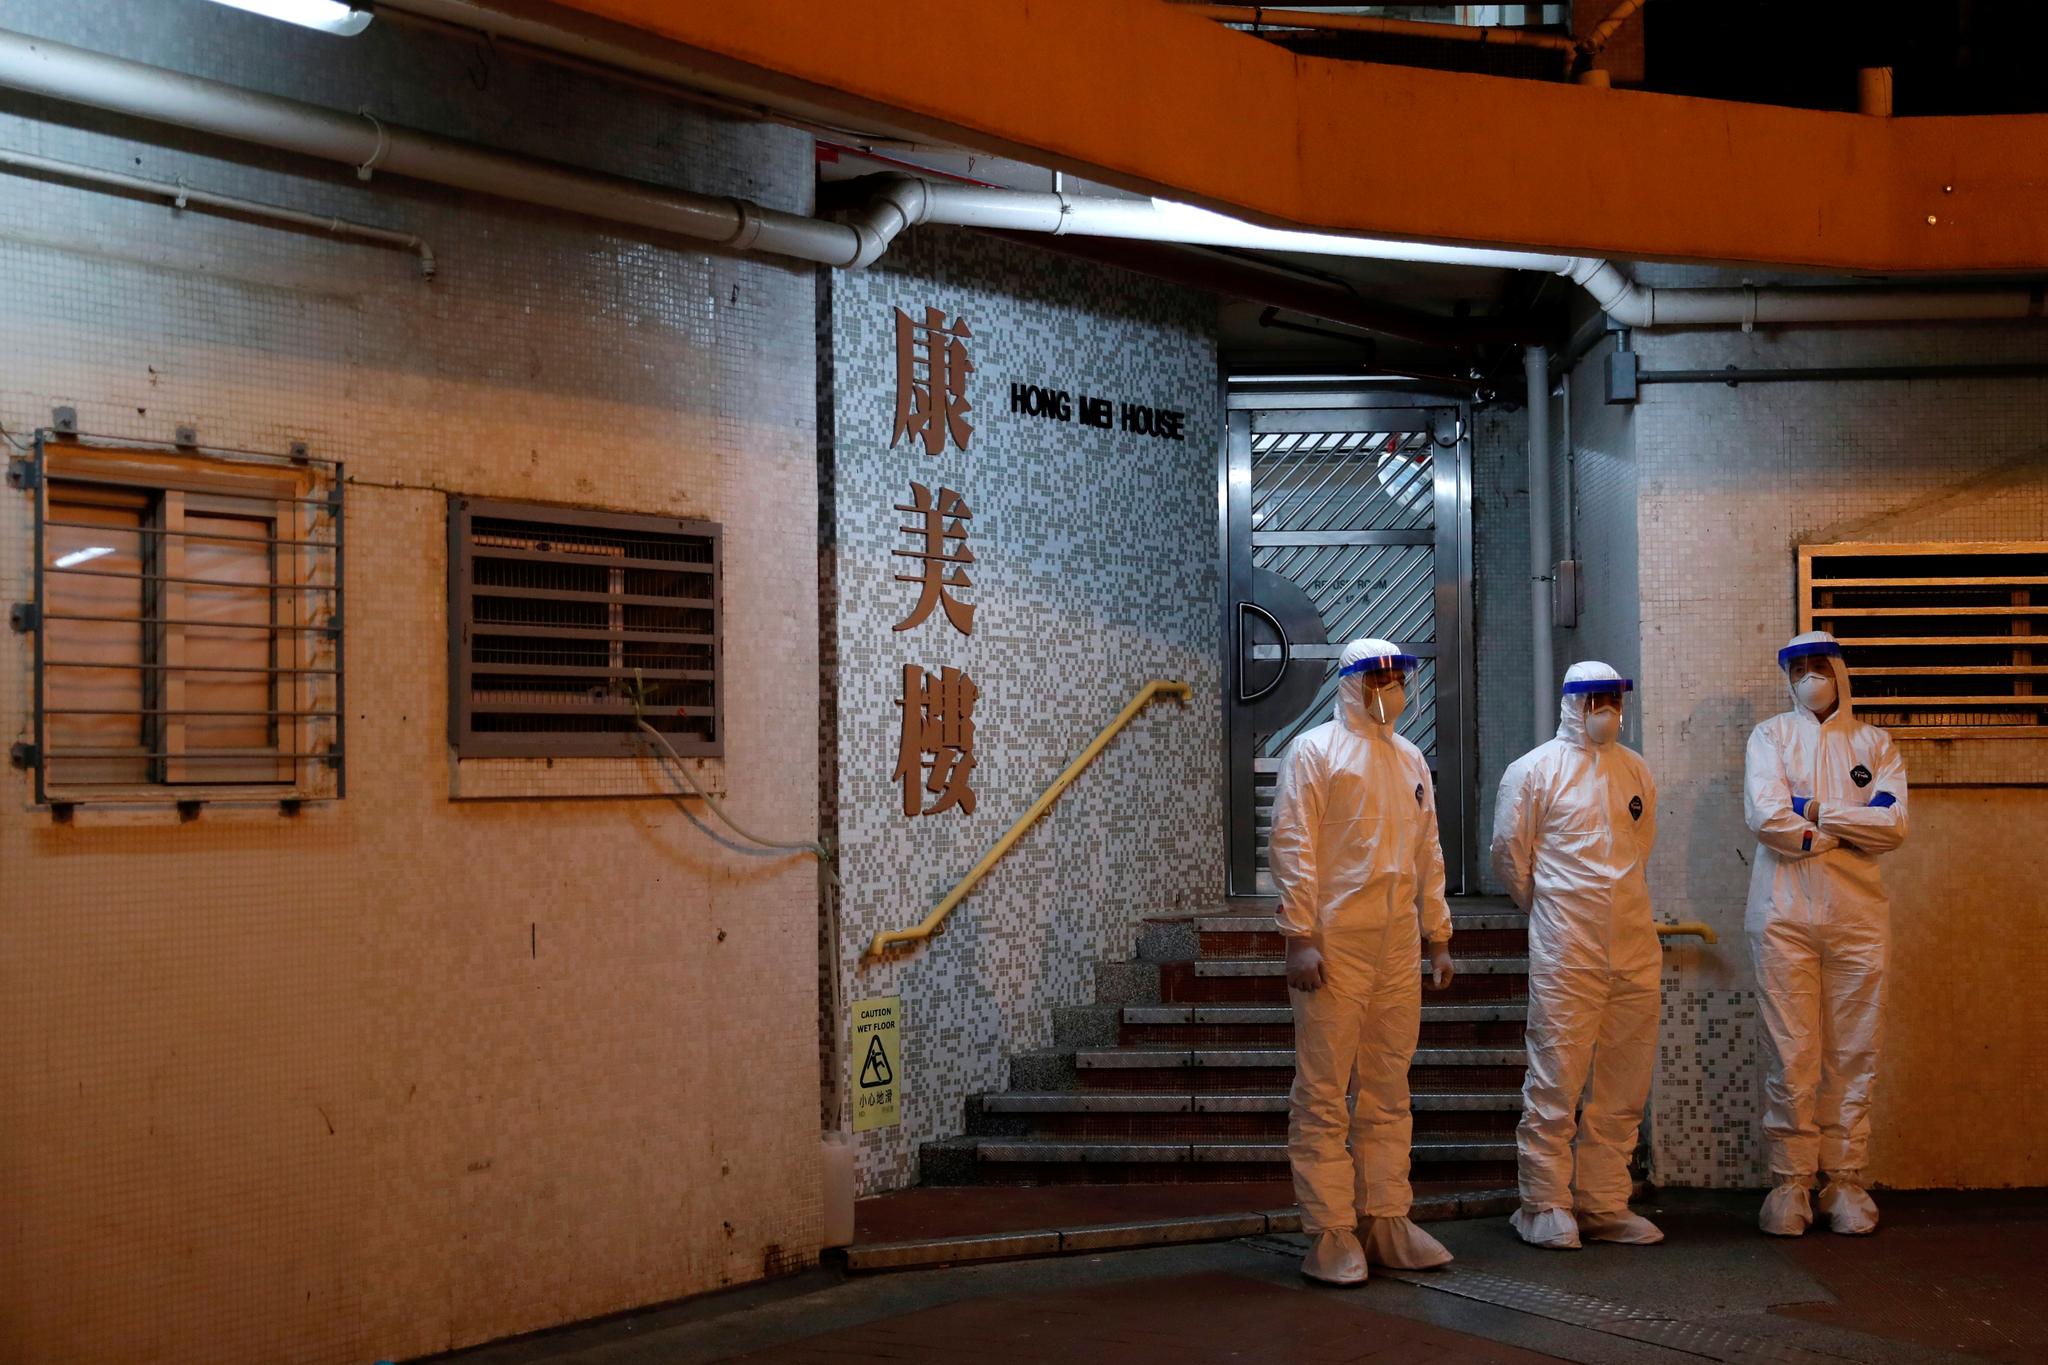 지난 11일 홍콩에서 방호복을 입은 역학조사관들이 건물 내 거주민들을 대피시키기 위해 준비하고 있다. [로이터=연합뉴스]